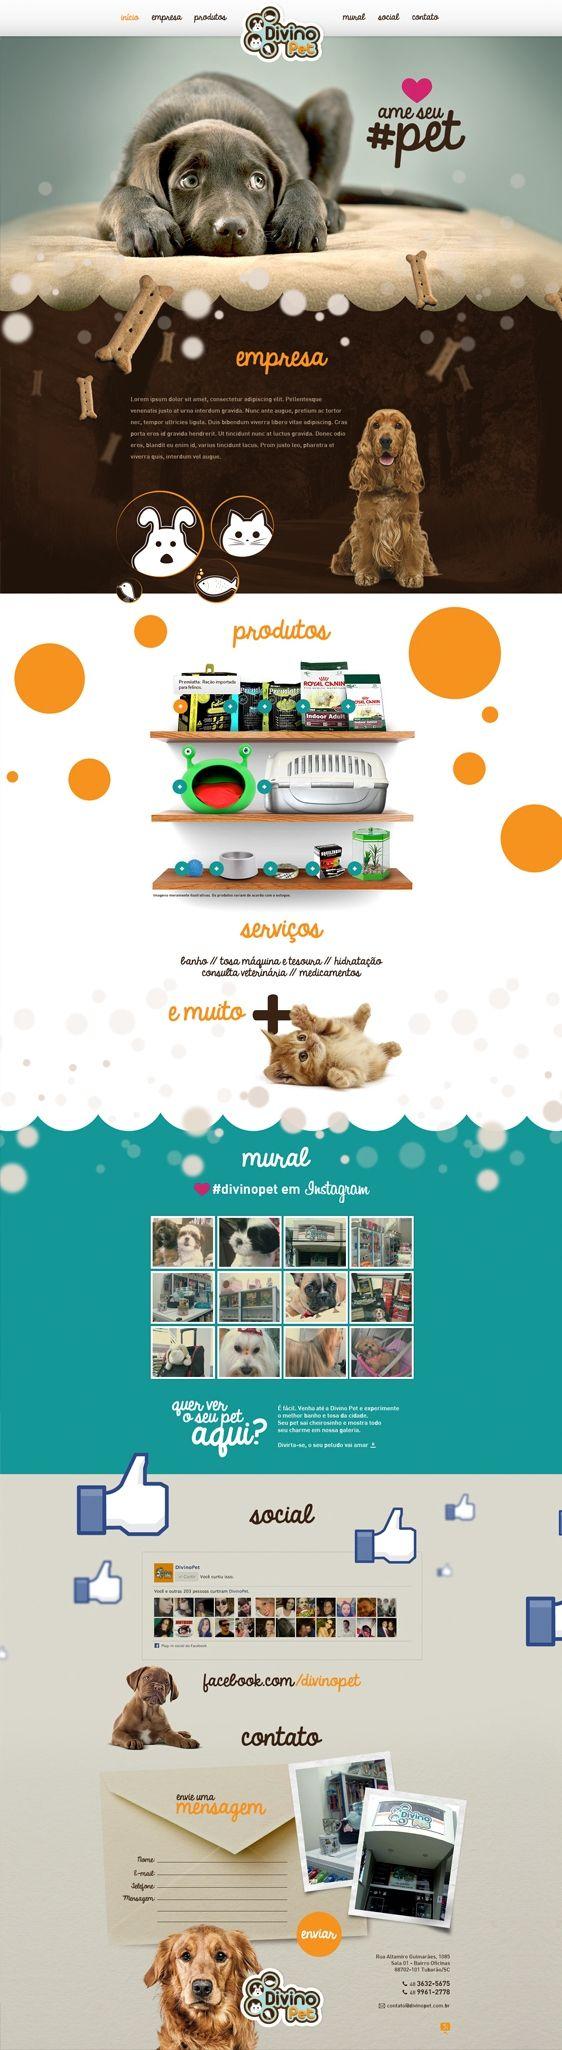 best website design coding images on pinterest design